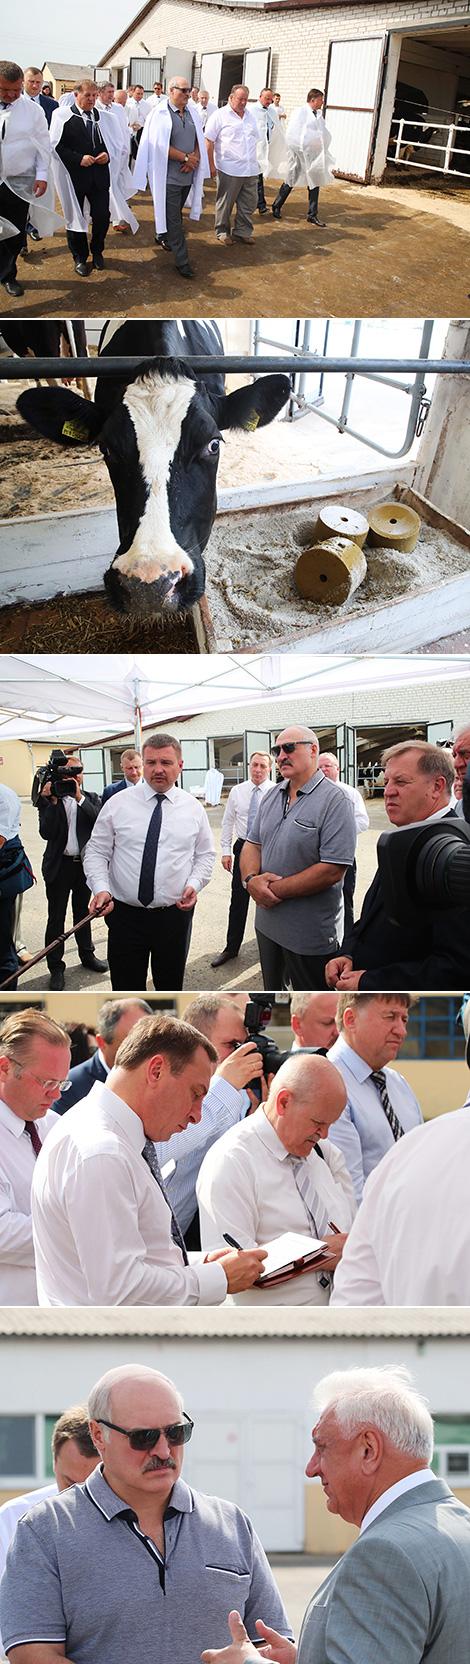 Lukashenko visits struggling farm Kossovo